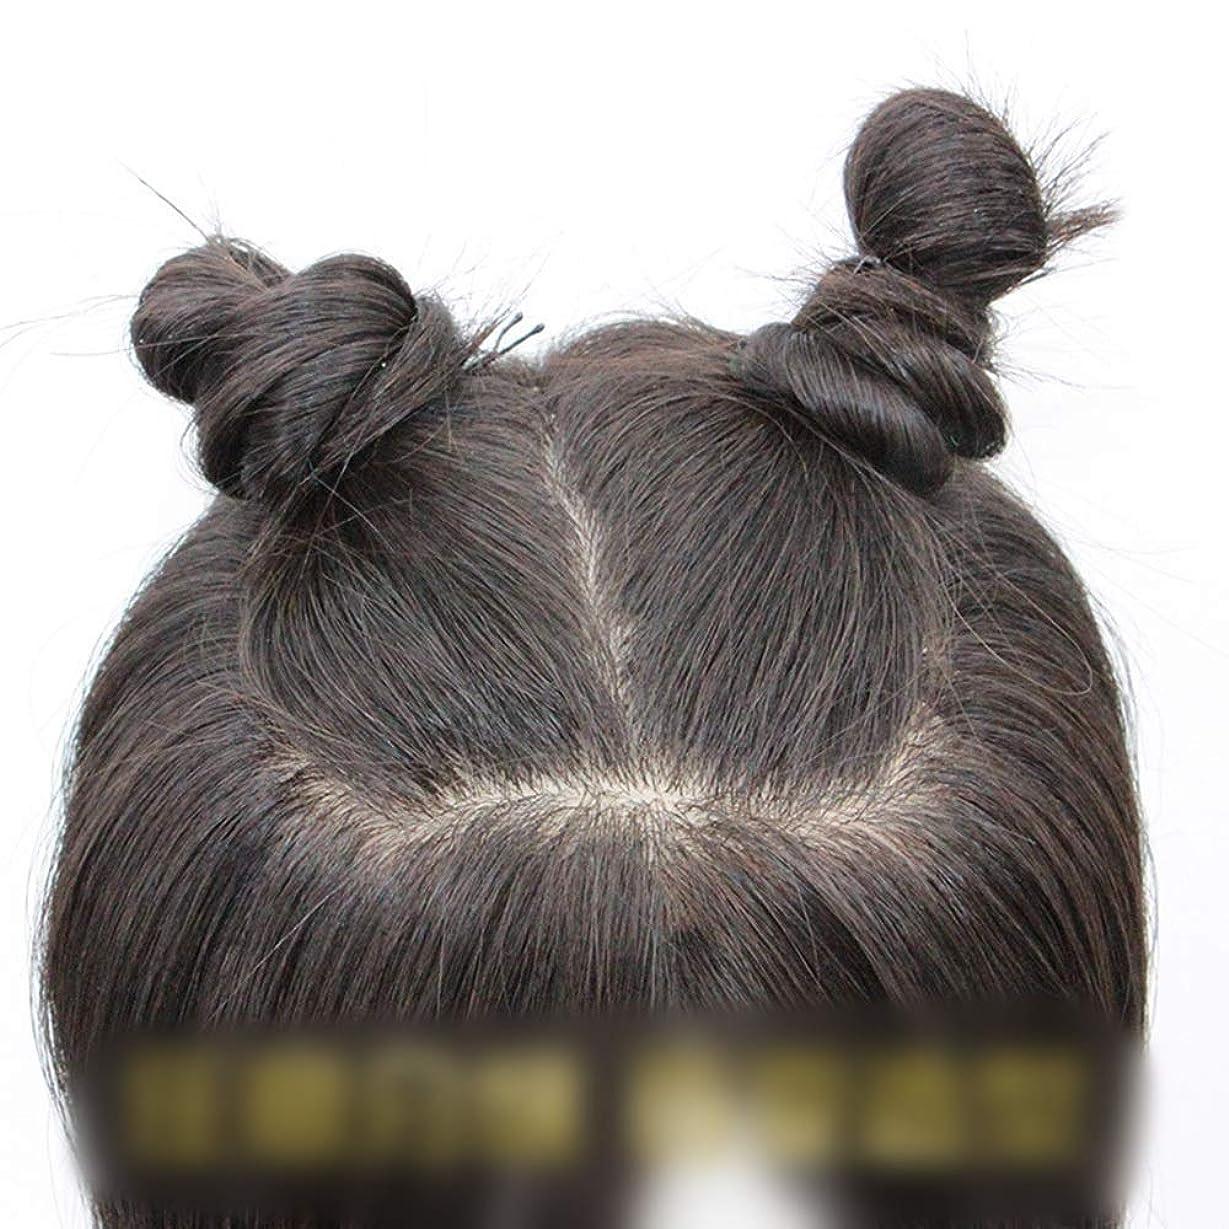 陽気な論争乞食YESONEEP リアルヘアエクステンション3Dハンドニードルカバーホワイトヘアウィッグパーティーウィッグで女性のロングストレートヘアクリップ (Color : Natural black, サイズ : 25cm)